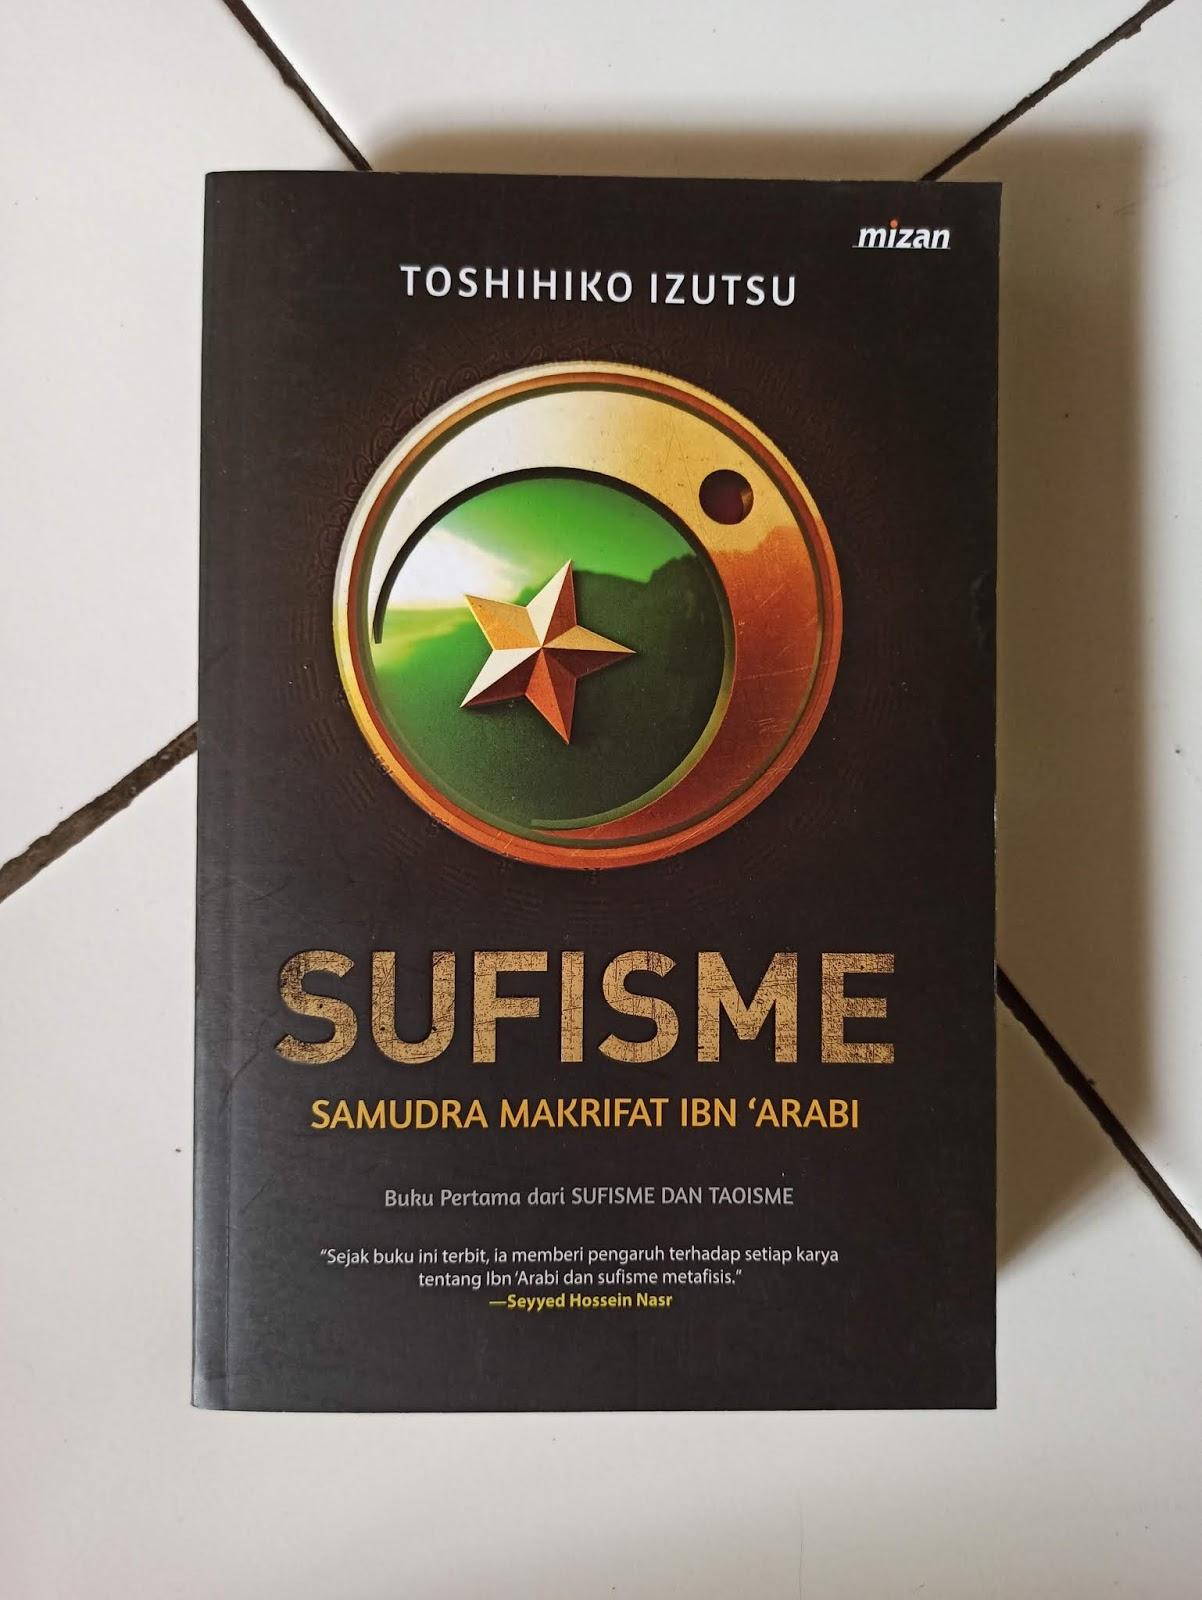 Buku Pertama dari Sufisme dan Taoisme